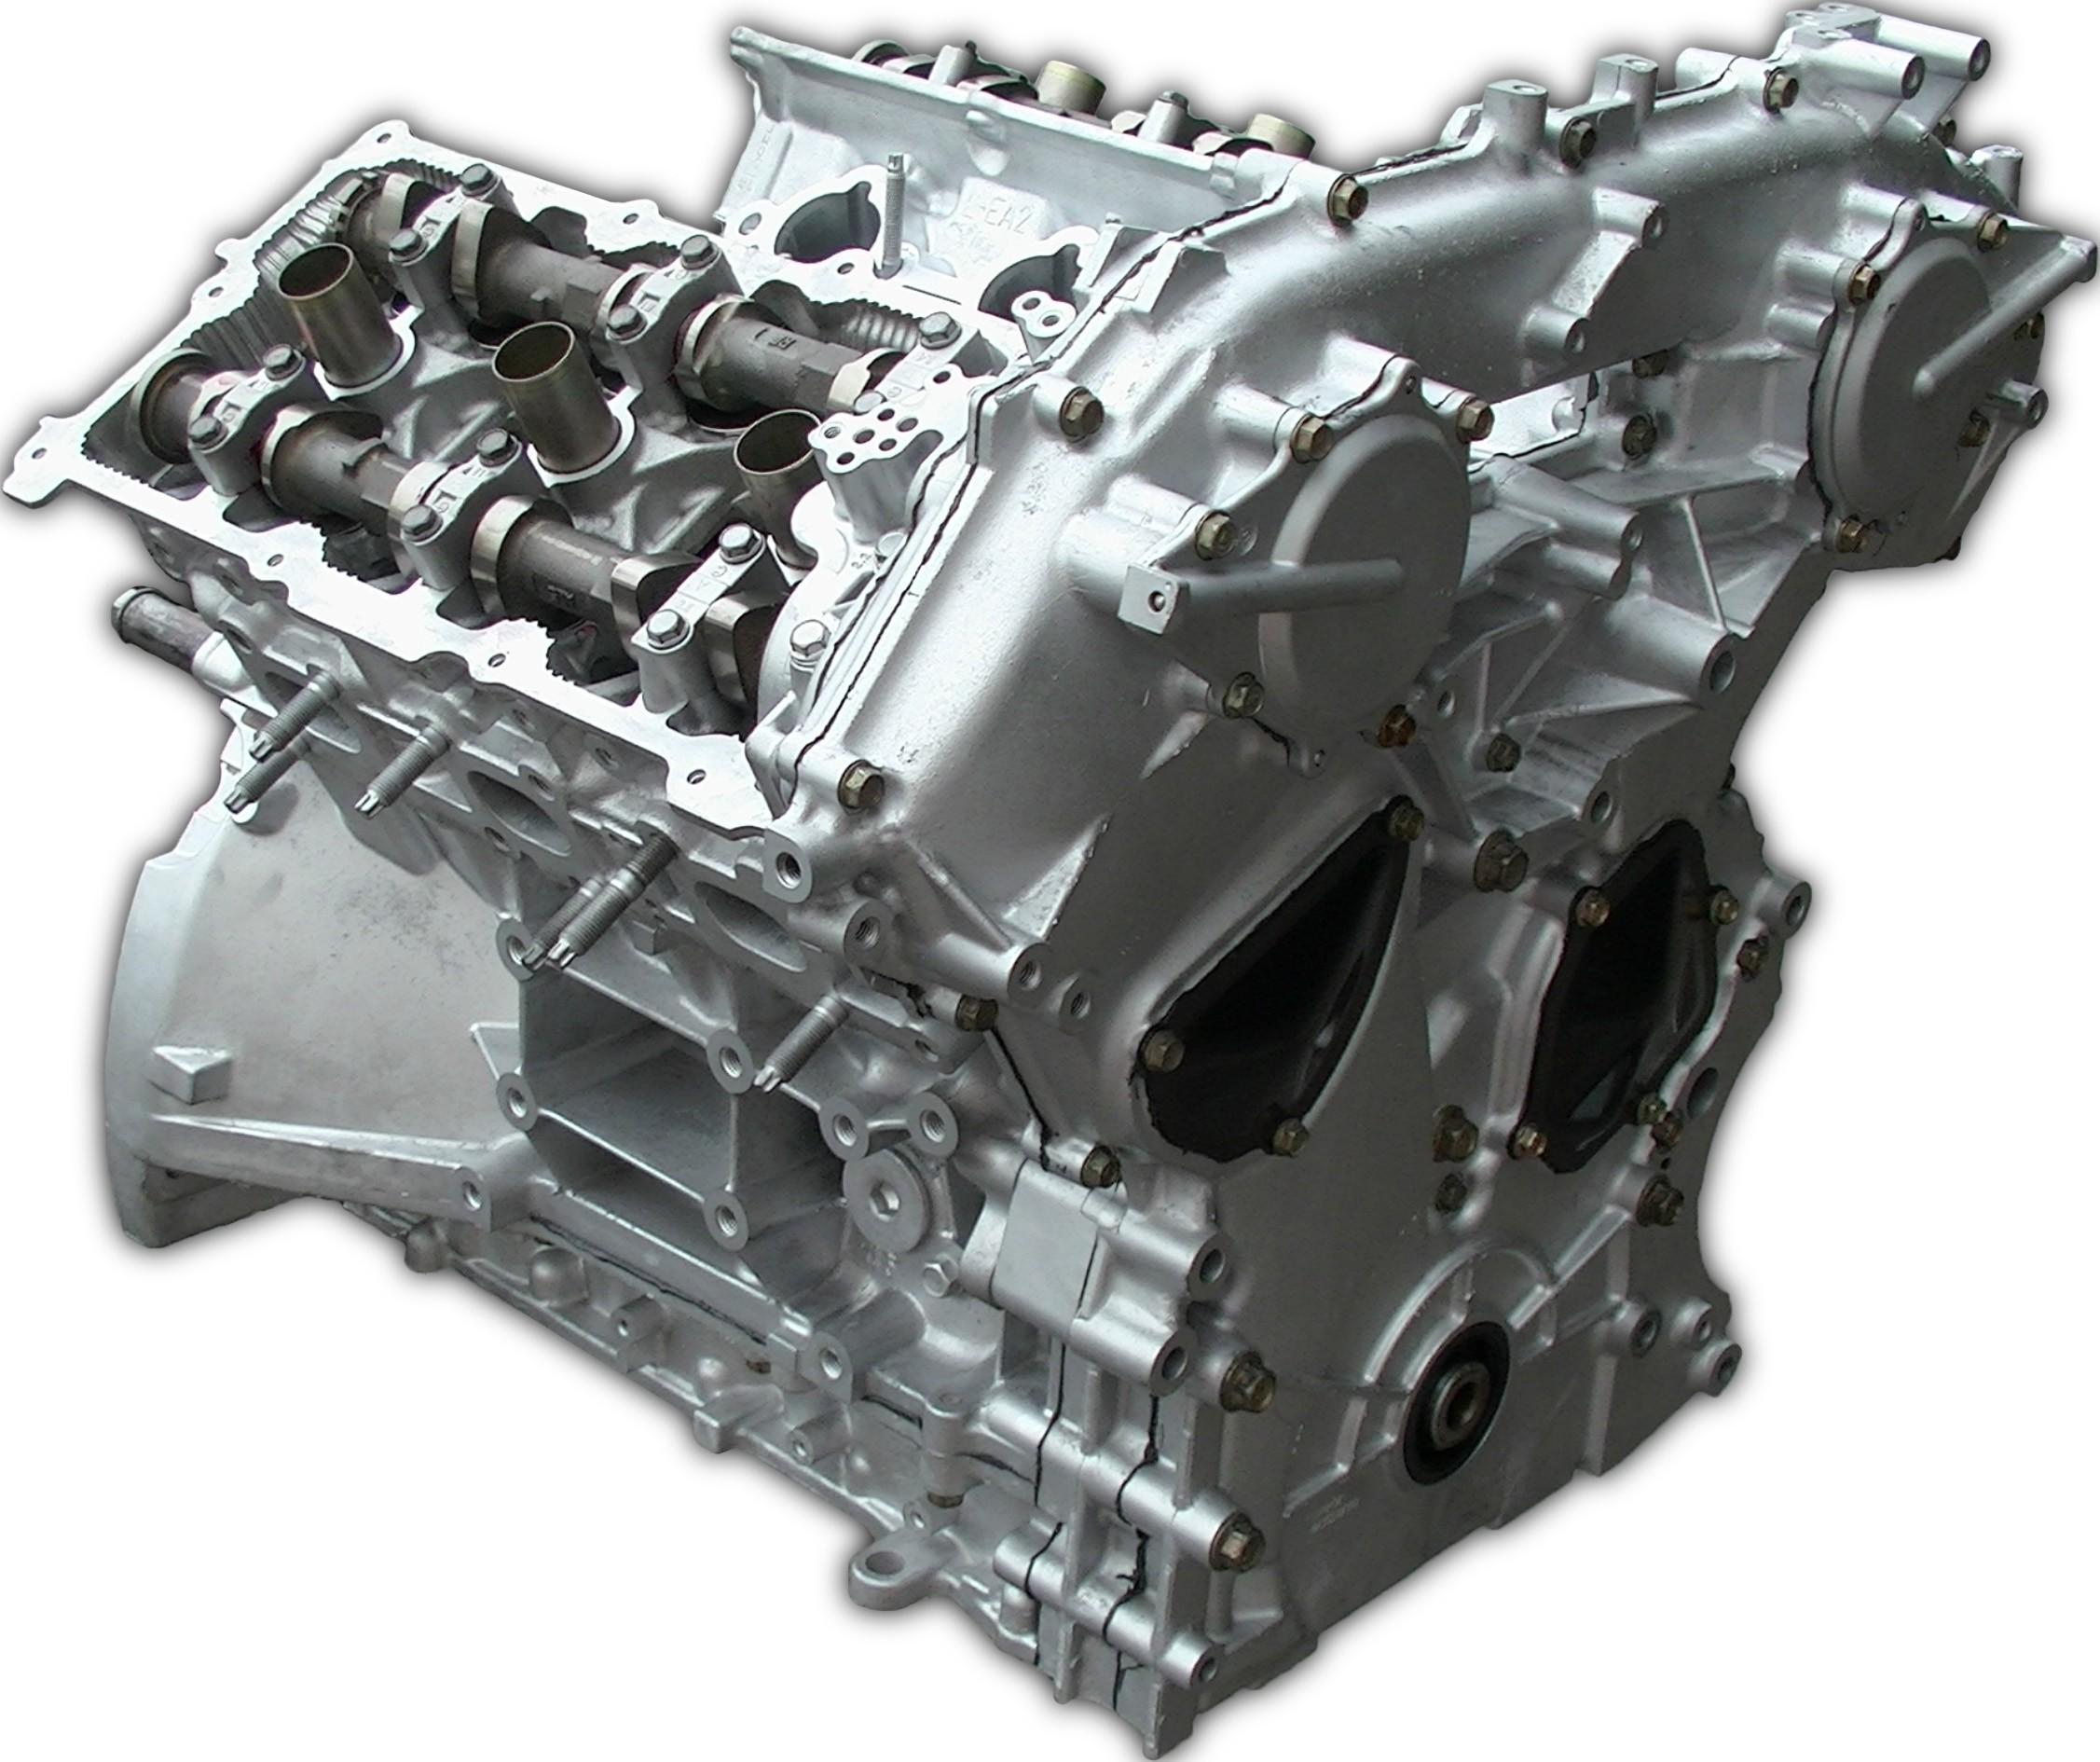 Nissan 3 0 Liter Engine Diagram Wiring Diagrams Frontier Rebuilt 09 12 Pathfinder 4 0l V6 Vq40de 35 2000